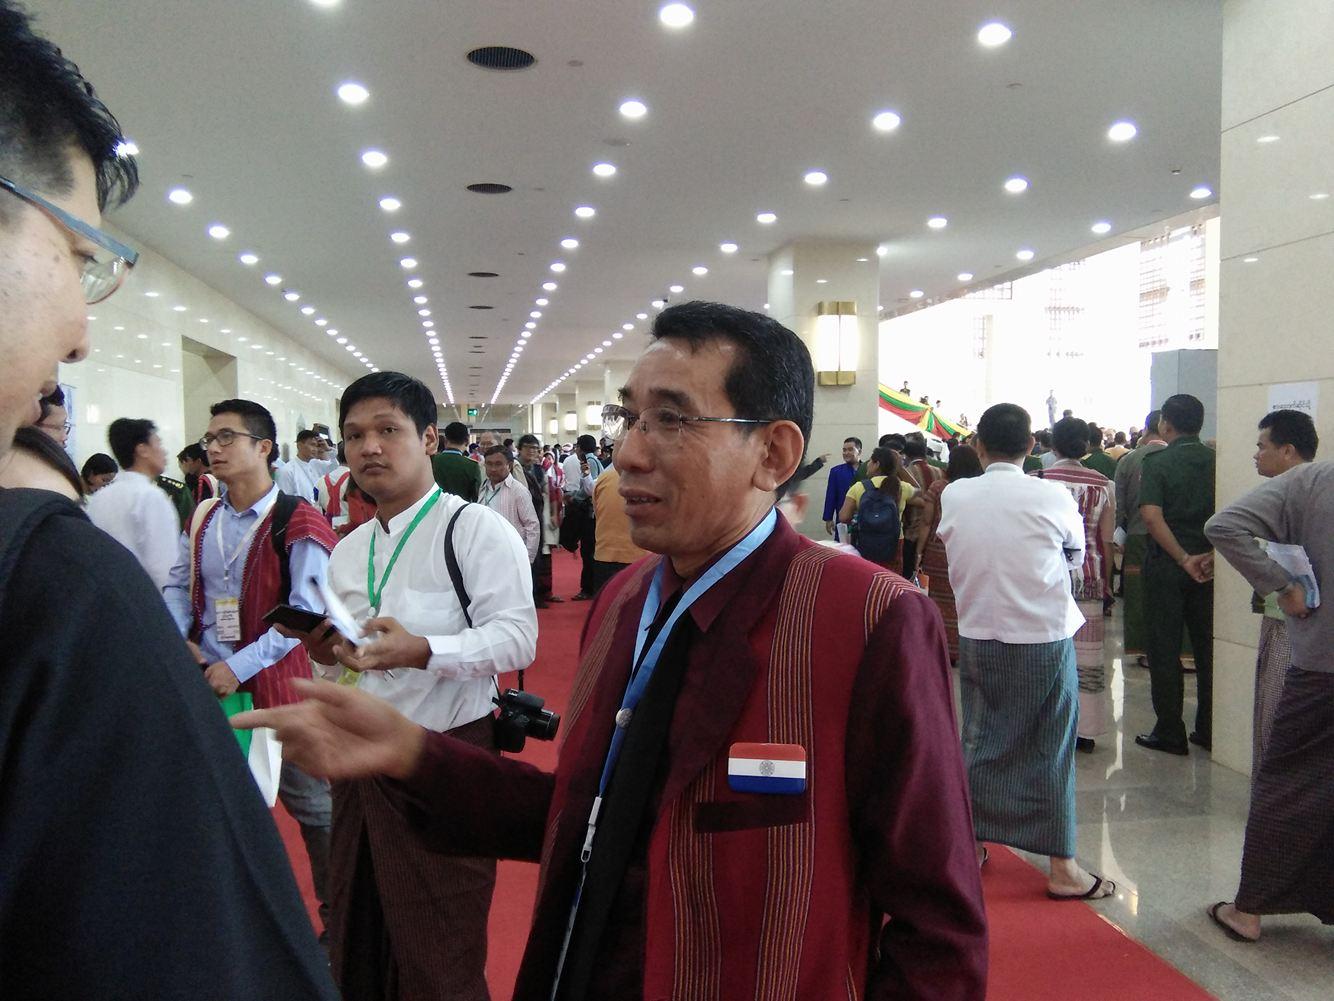 နှစ်ဘက်သဘောတူသည့် အခင်းအကျင်းဖြင့် ငြိမ်းချမ်းရေးတည်ဆောက်ရန် ကေအဲန်ပီပီပြော